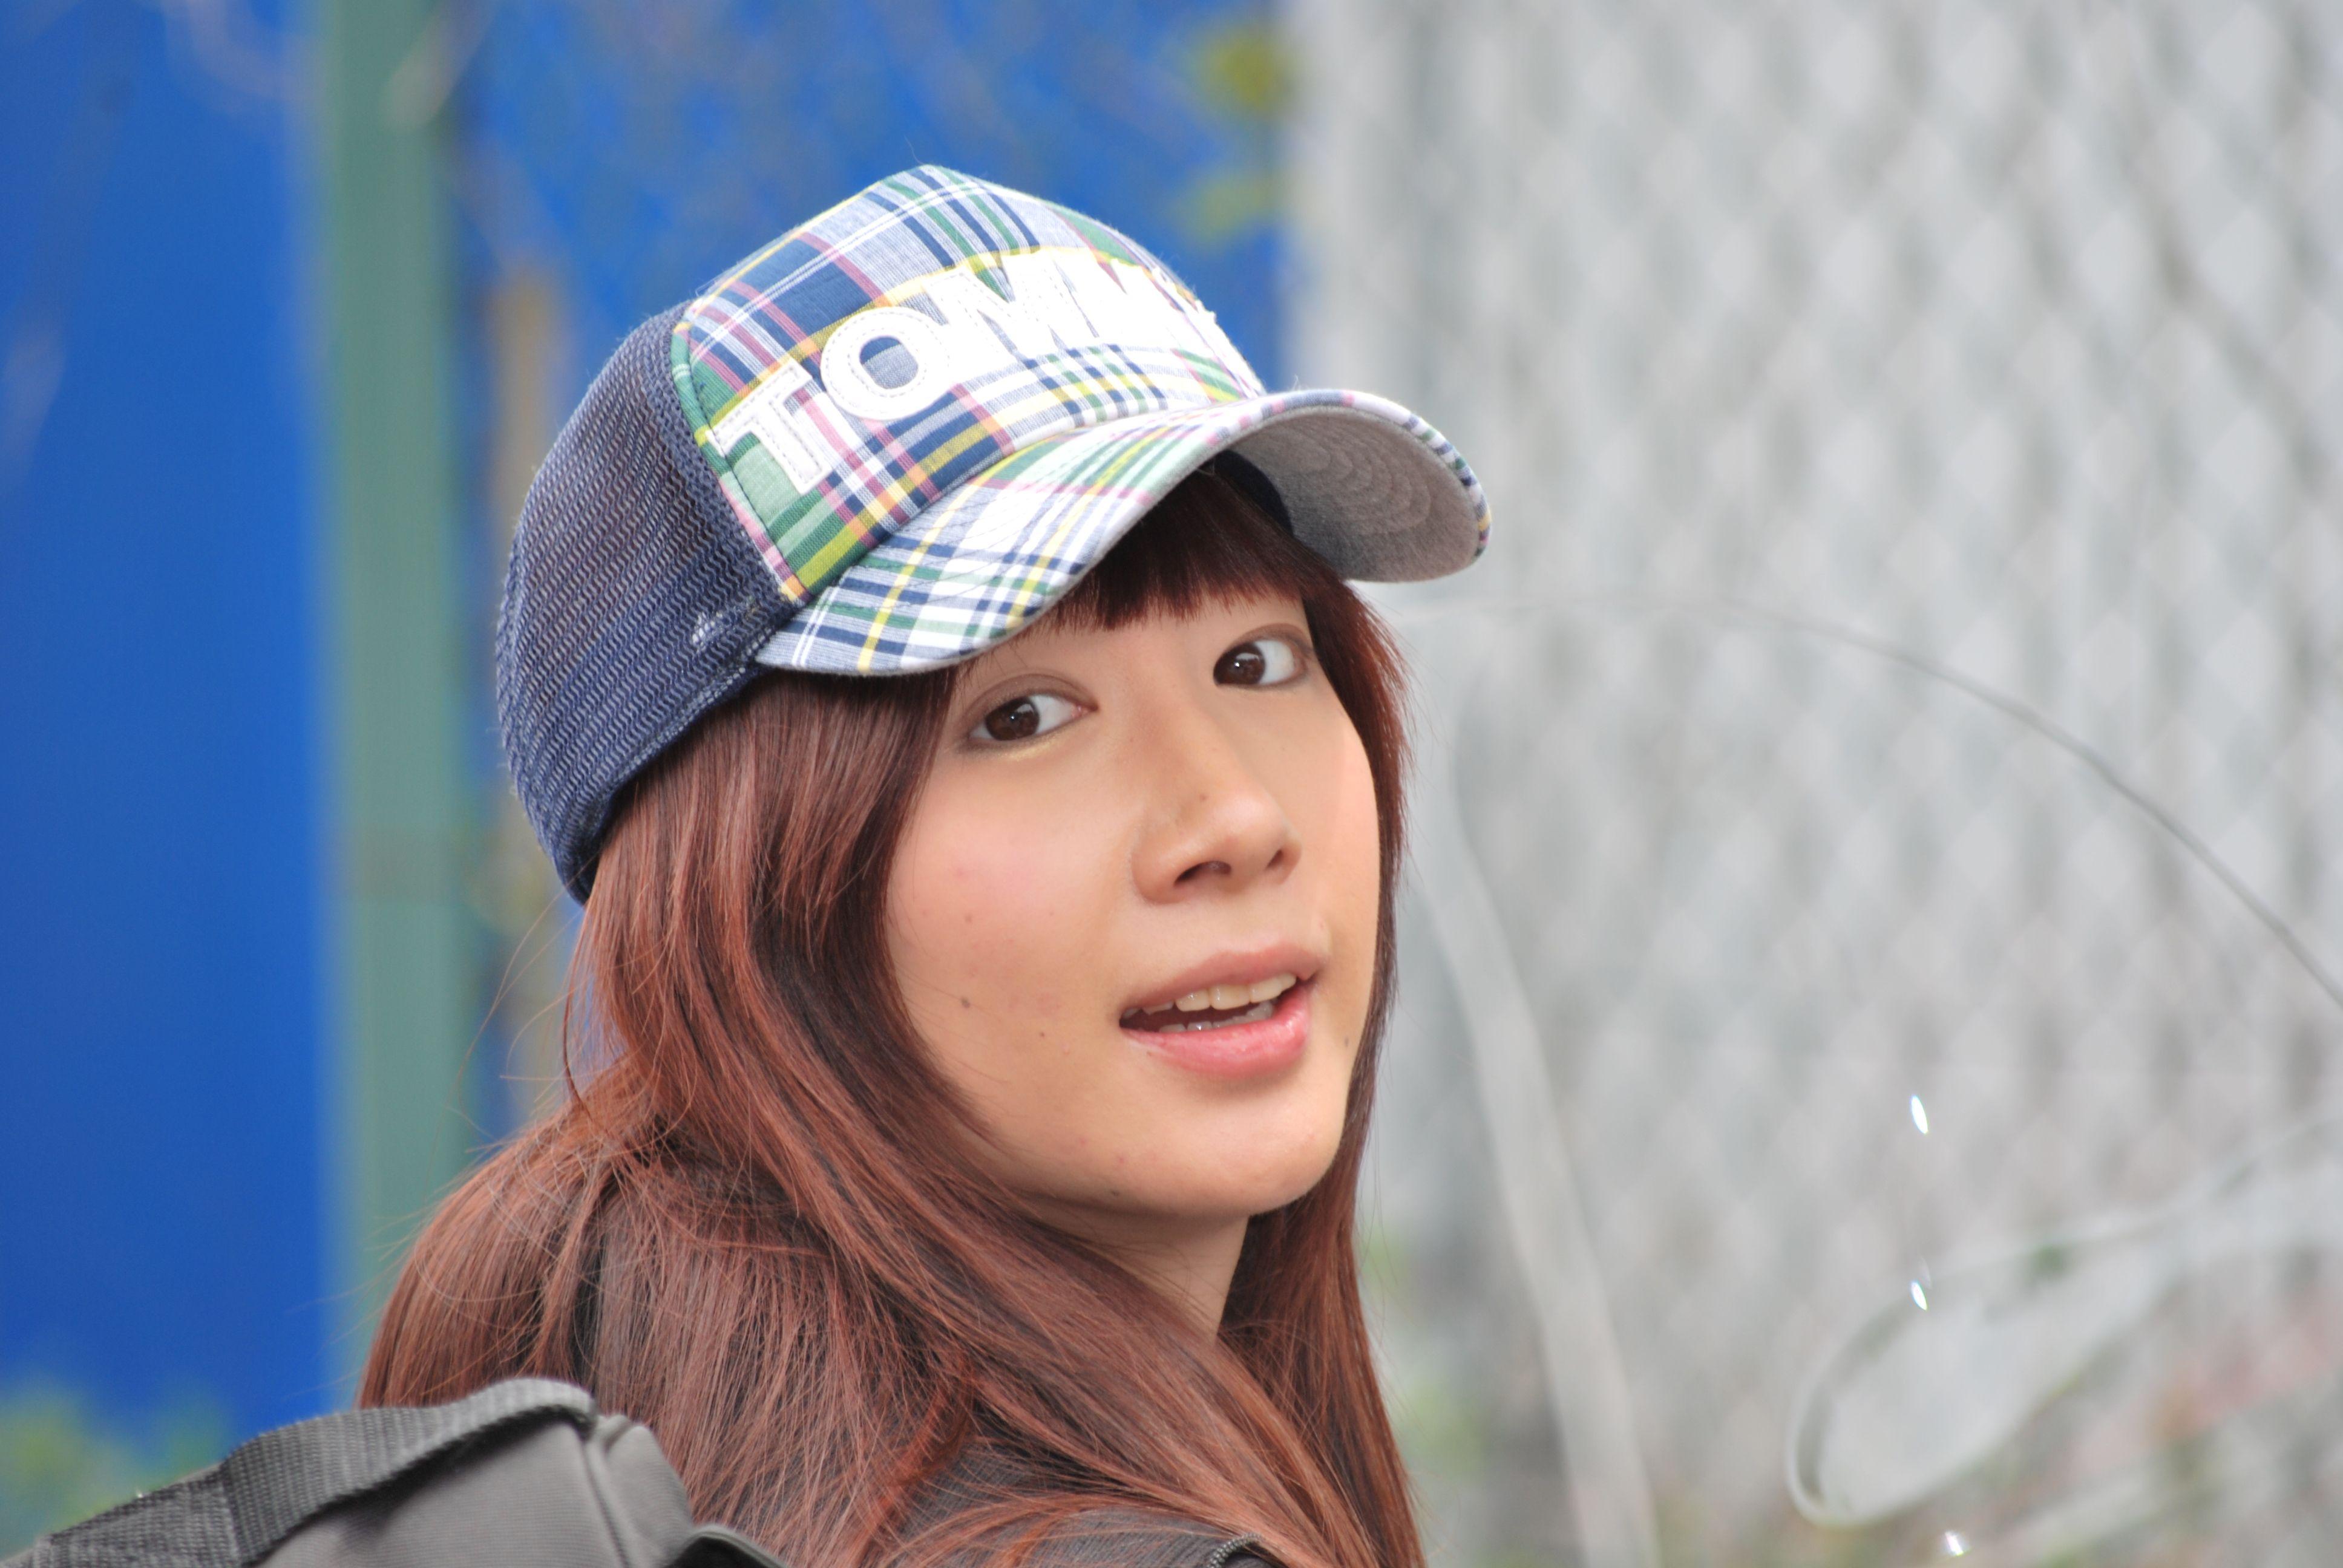 ハーレーに乗って(小泉エリ) | Trucker hat, Hats, Fashion